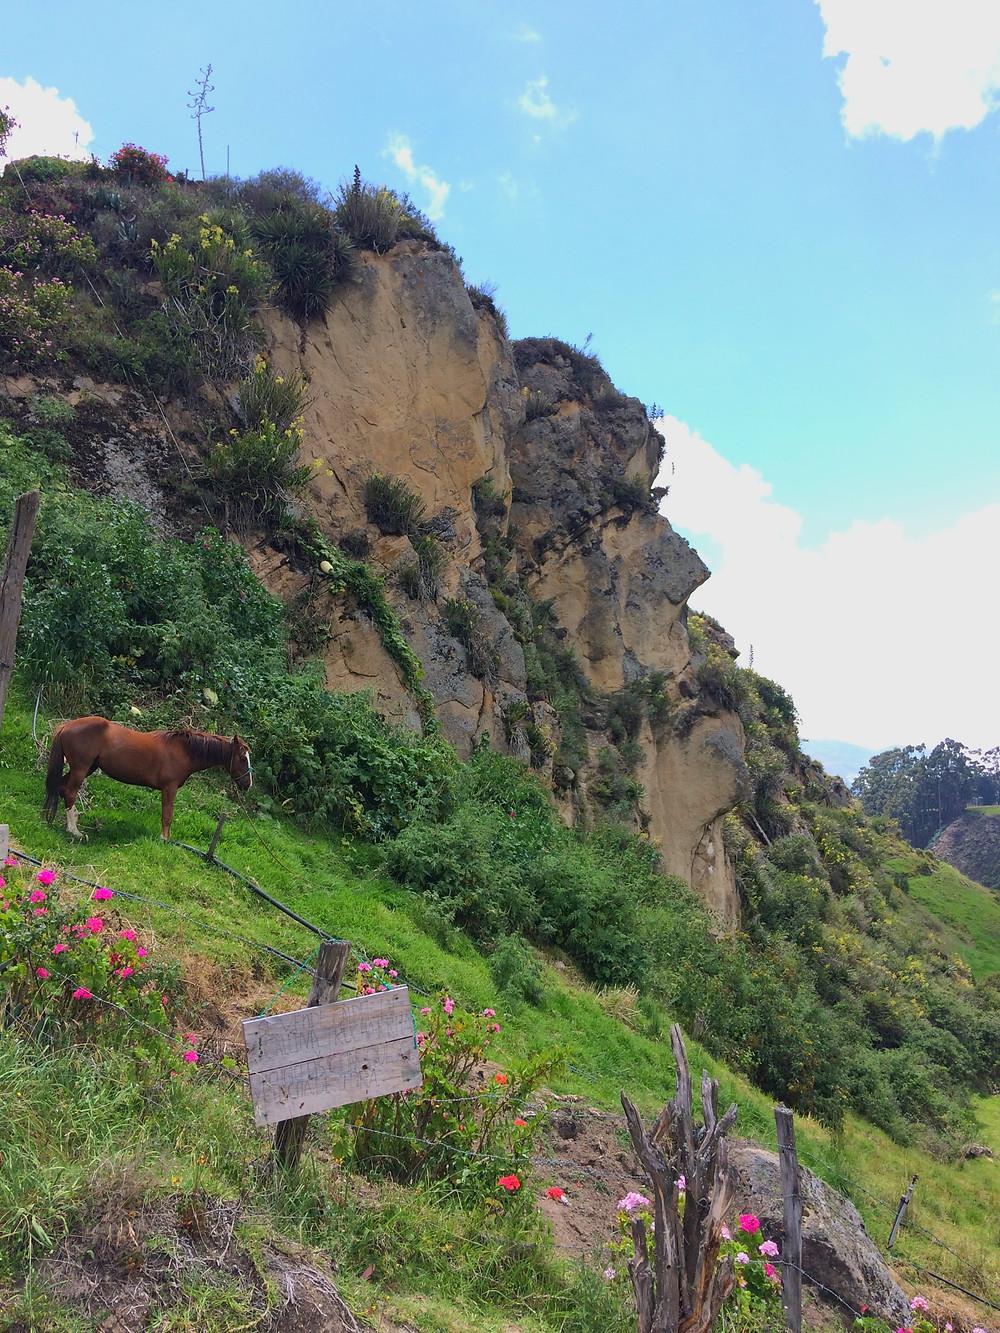 Voyez-vous le visage dans la montagne? :)